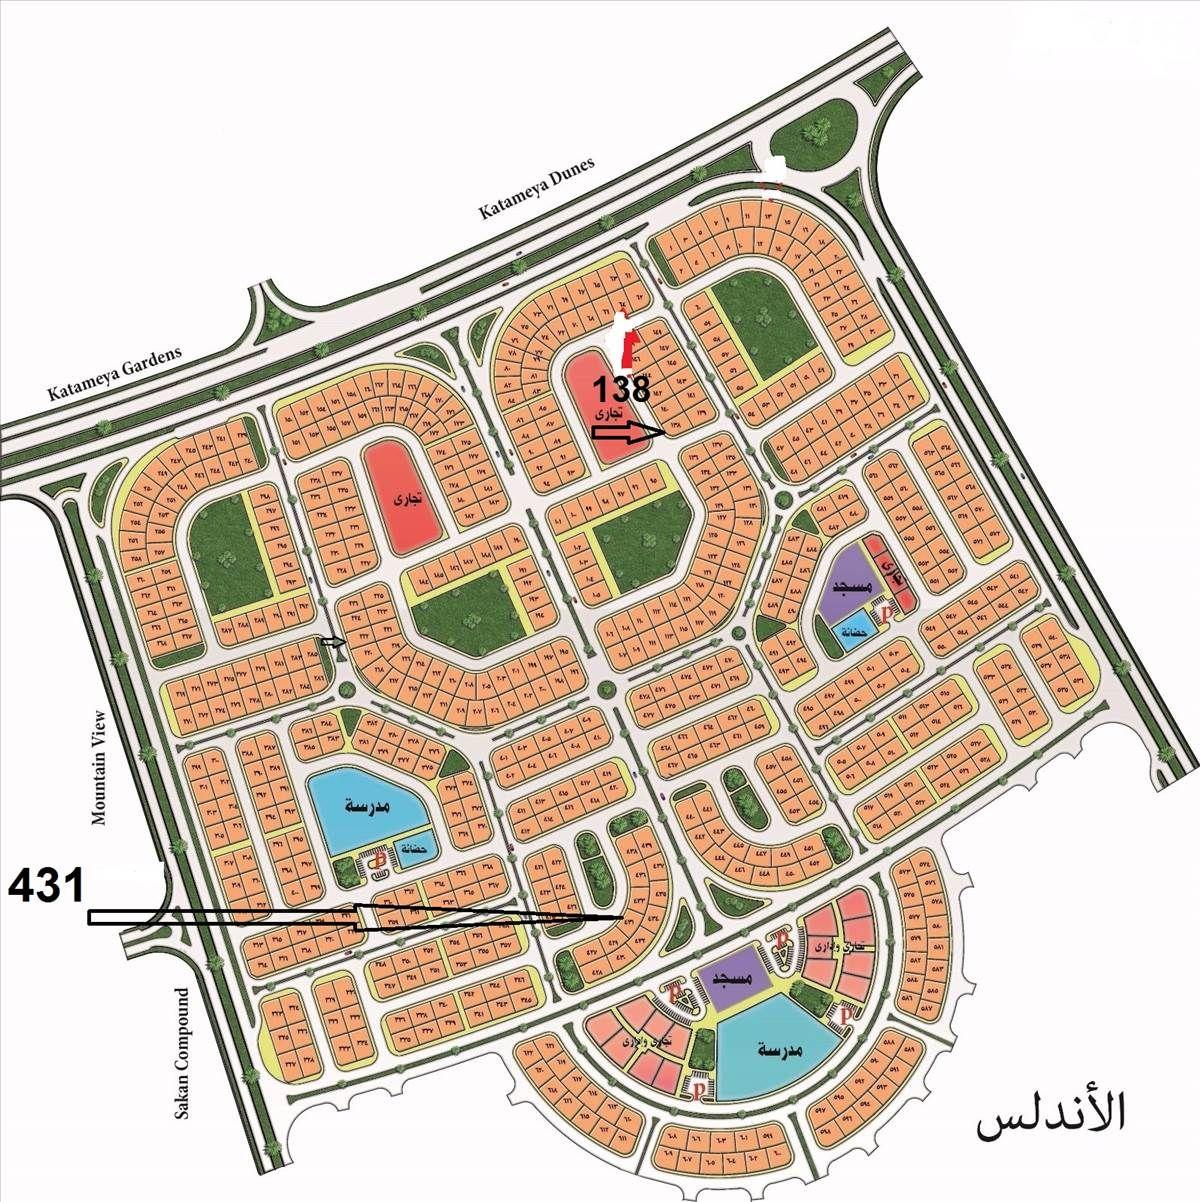 عقار ستوك شقة للبيع بالتجمع الخامس بالتقسيط 162 متر بحى الاندلس New Cairo City Cairo City Cairo